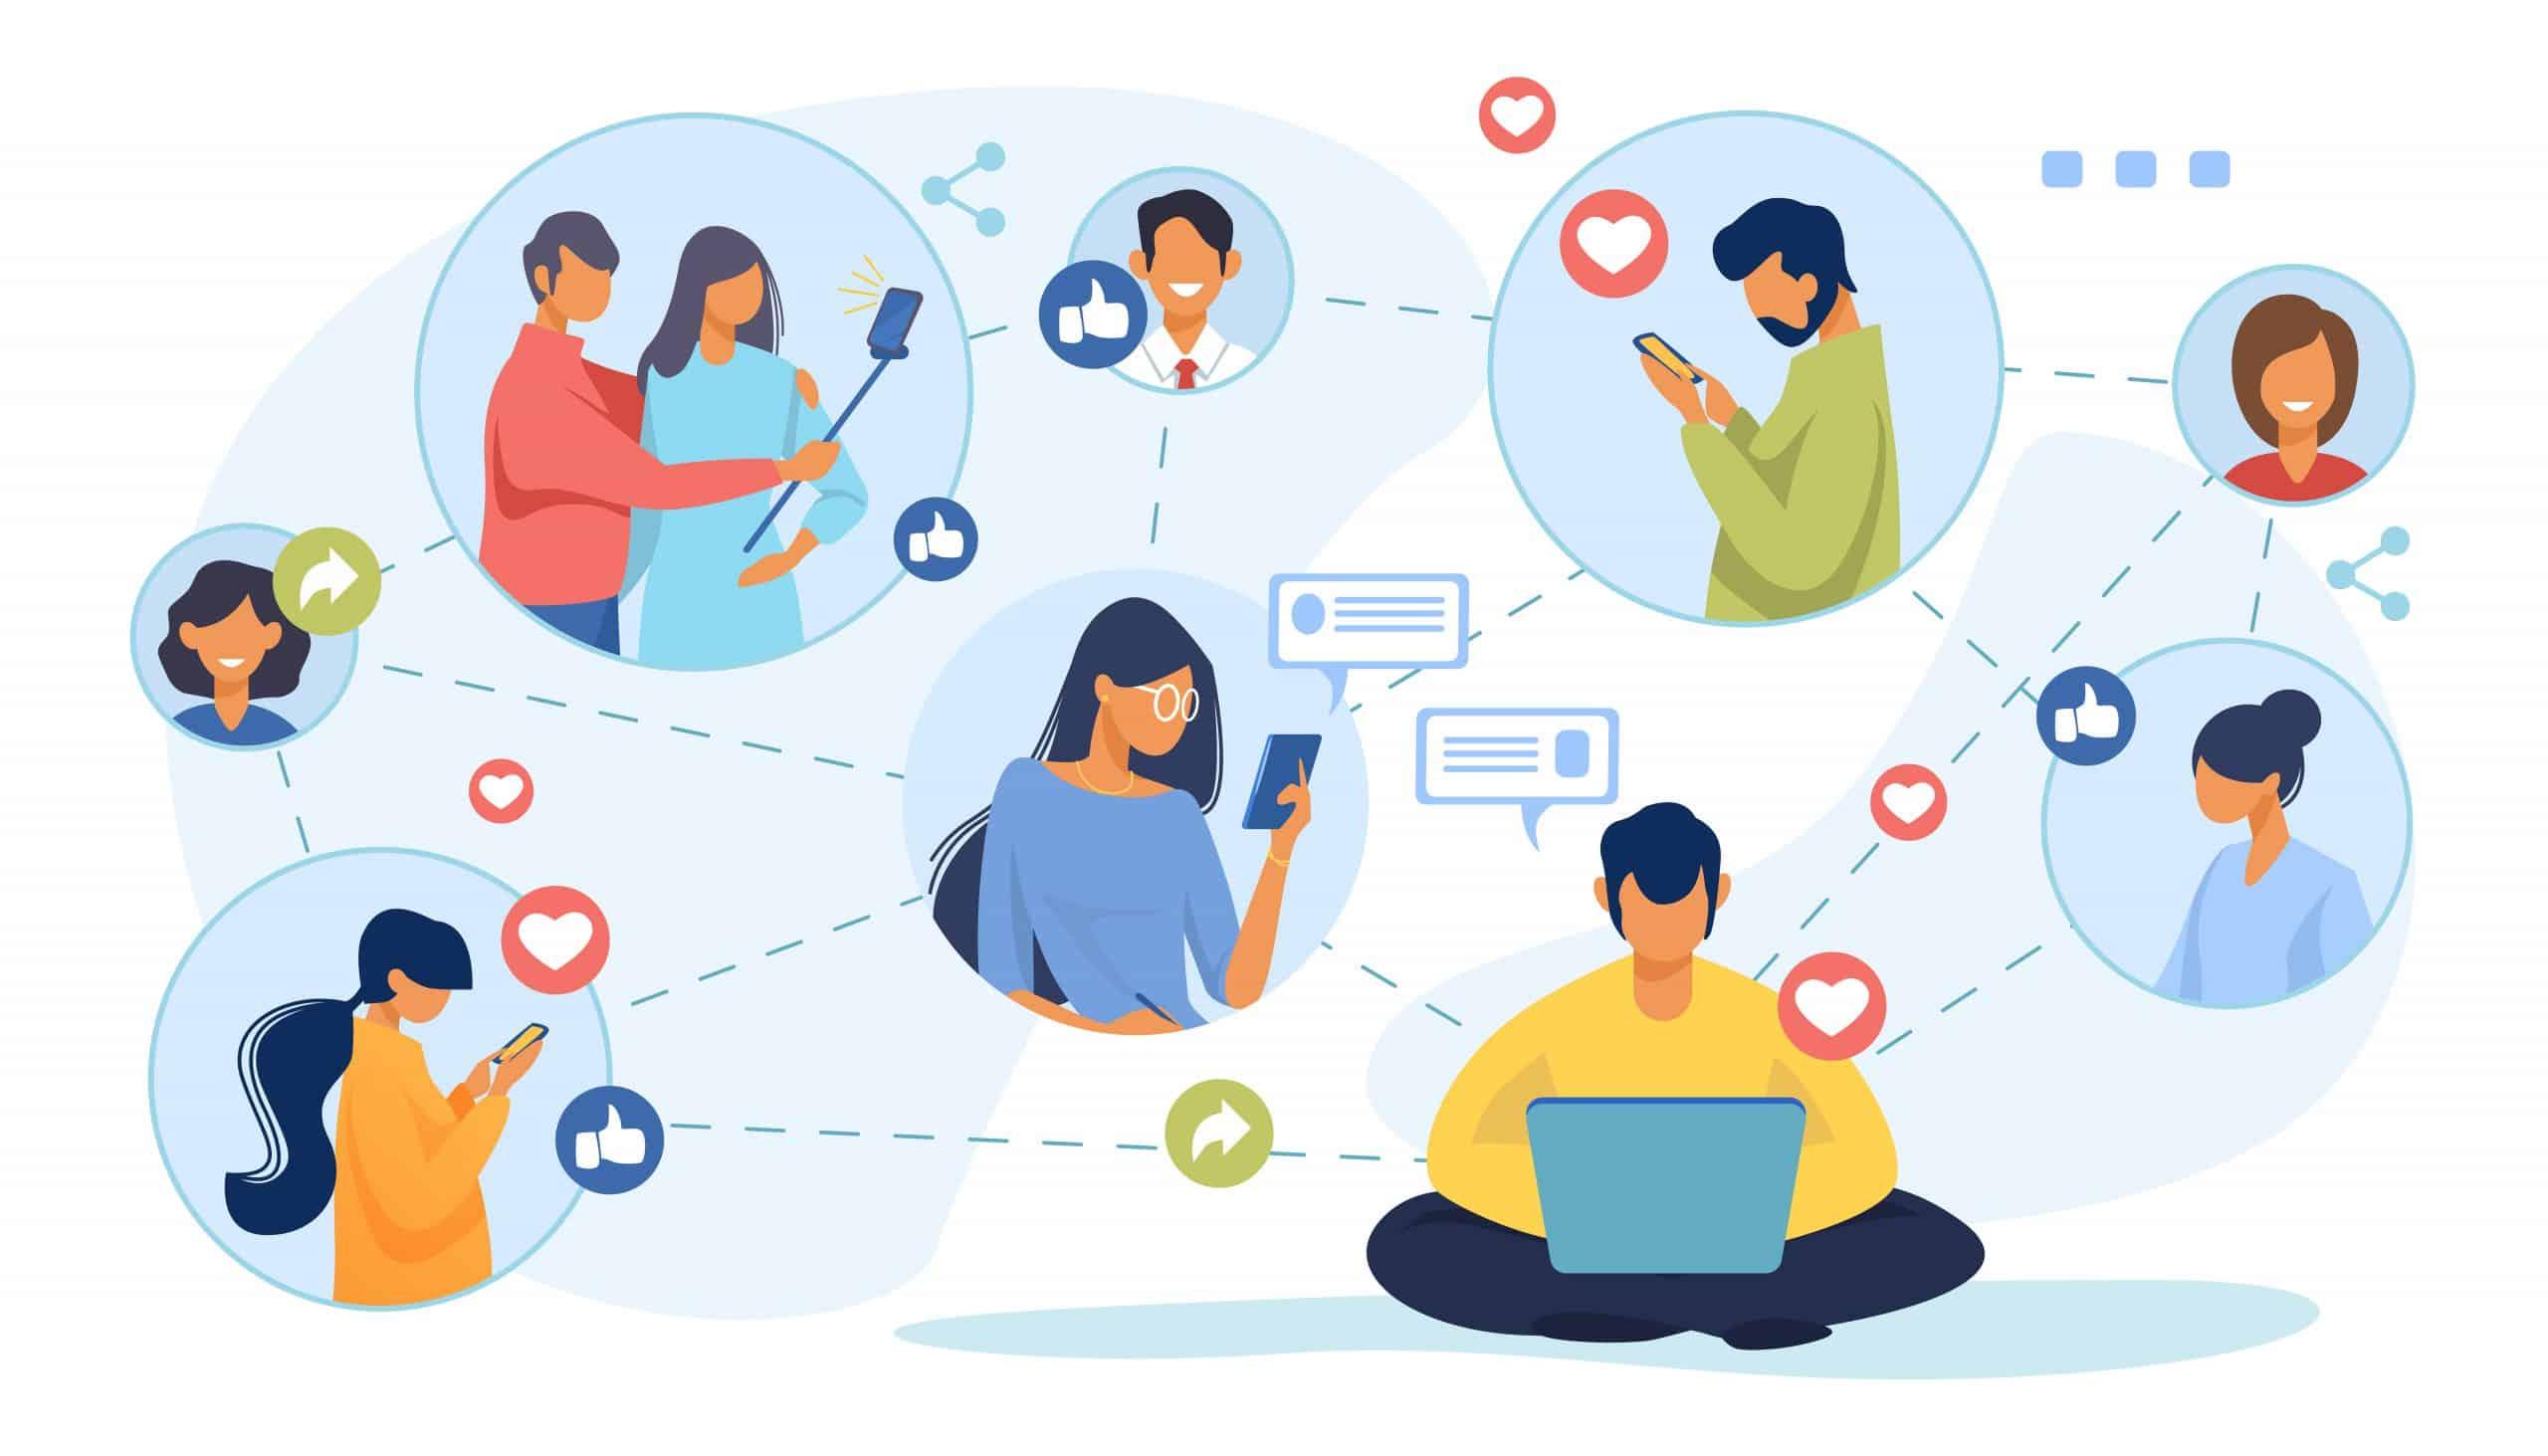 Branding 101 – Brand Advocacy ทำให้คนอยากบอกต่อเอง ไม่ใช่บังคับแชร์